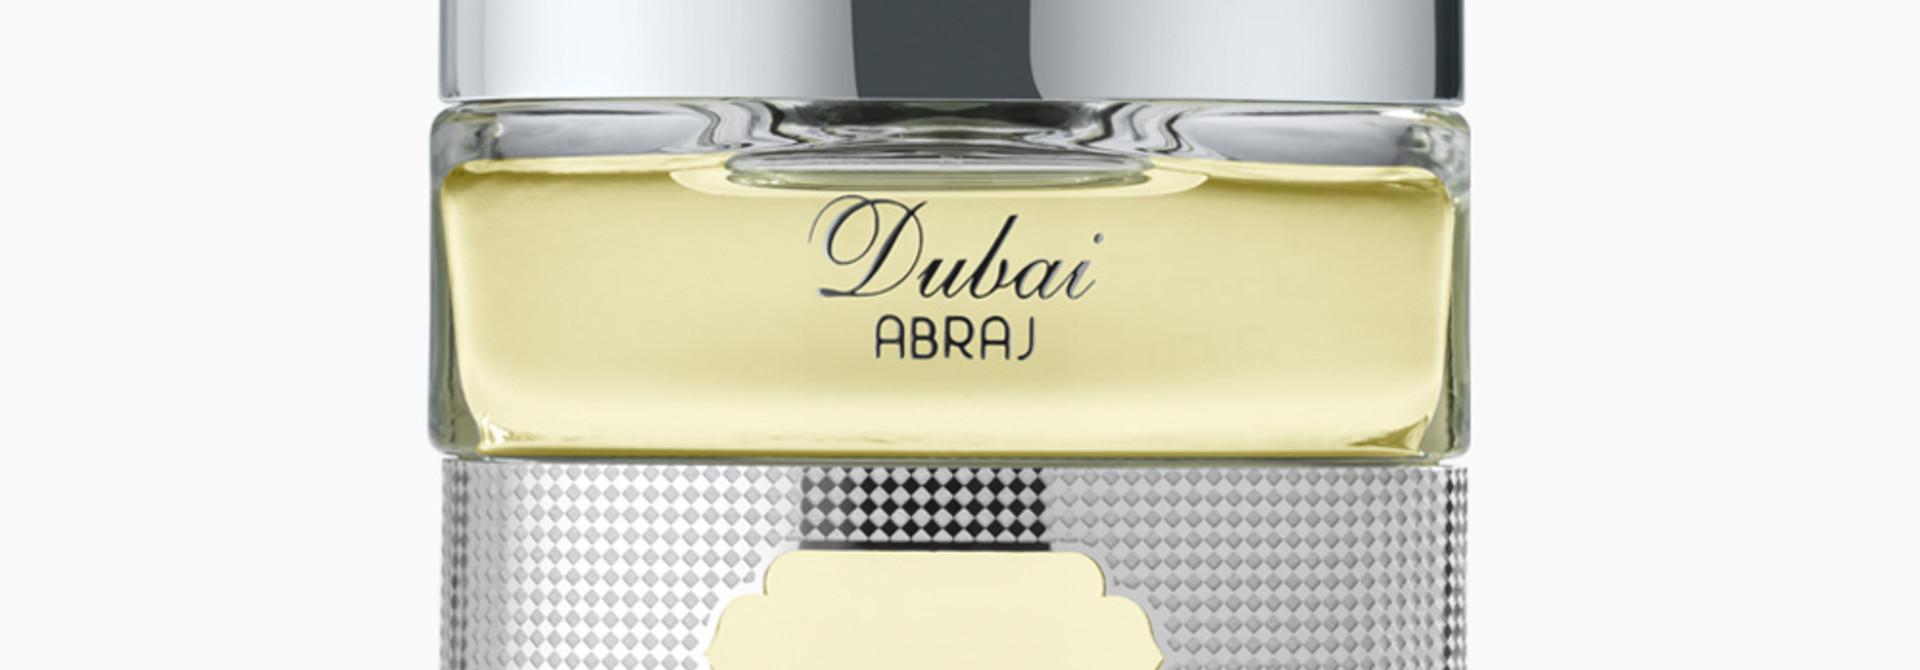 The Spirit of Dubai - Abraj